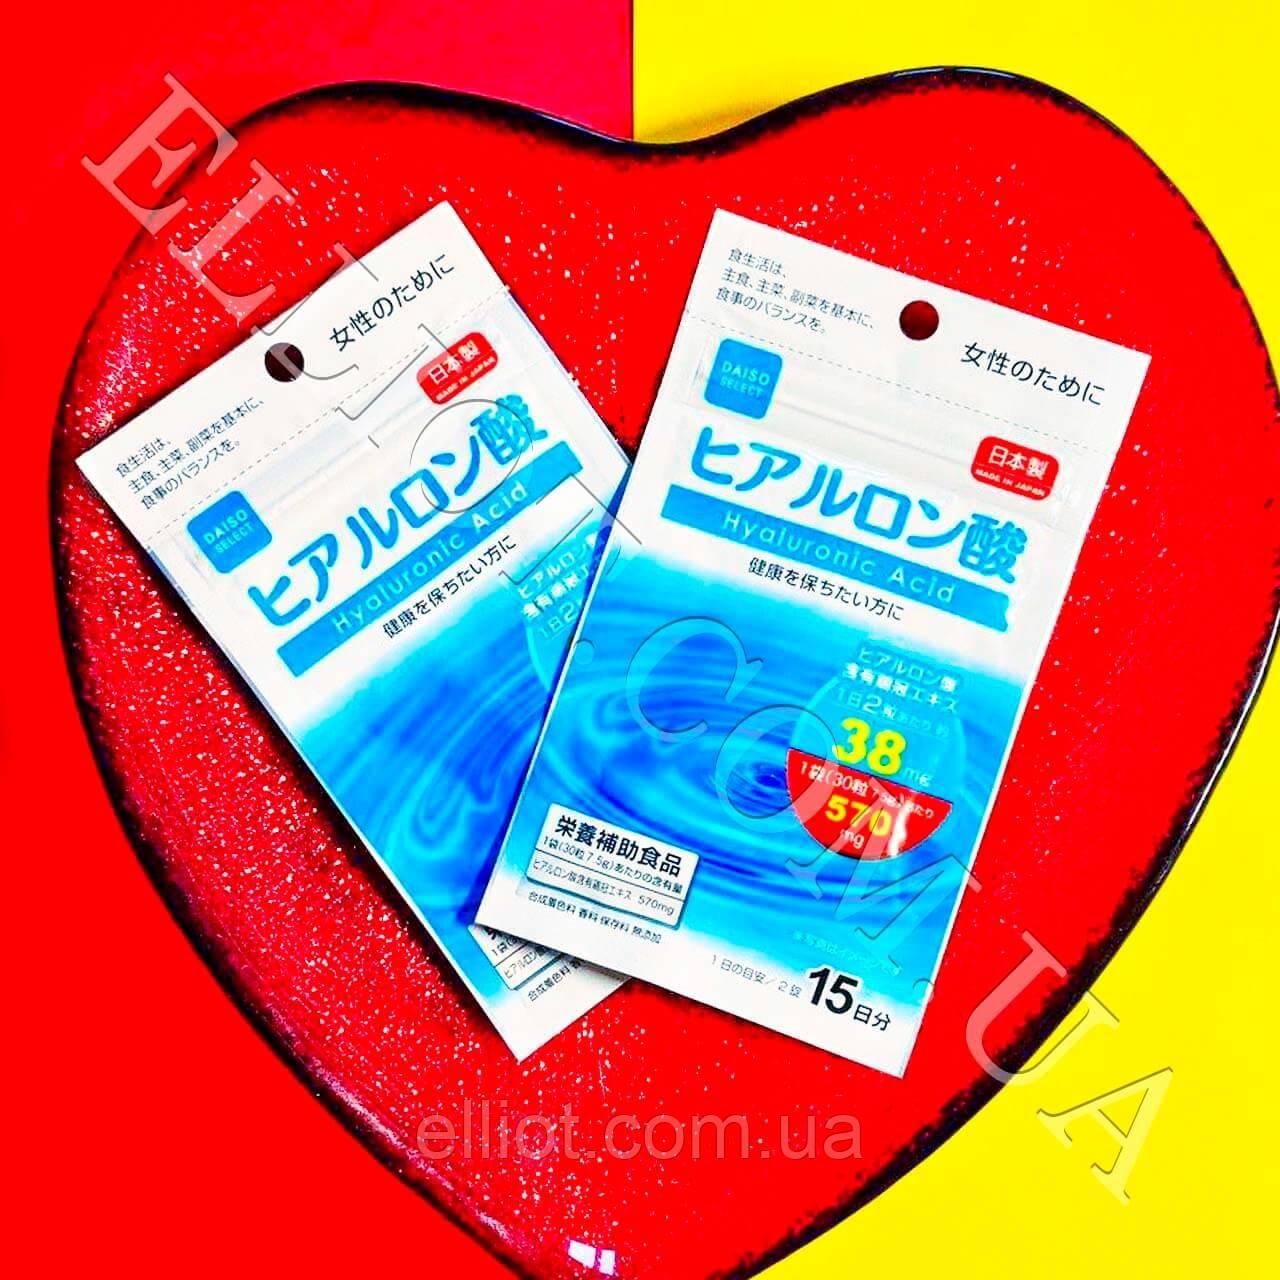 Гіалуронова Кислота Hyaluronic Acid 15 днів / Японія! Daiso